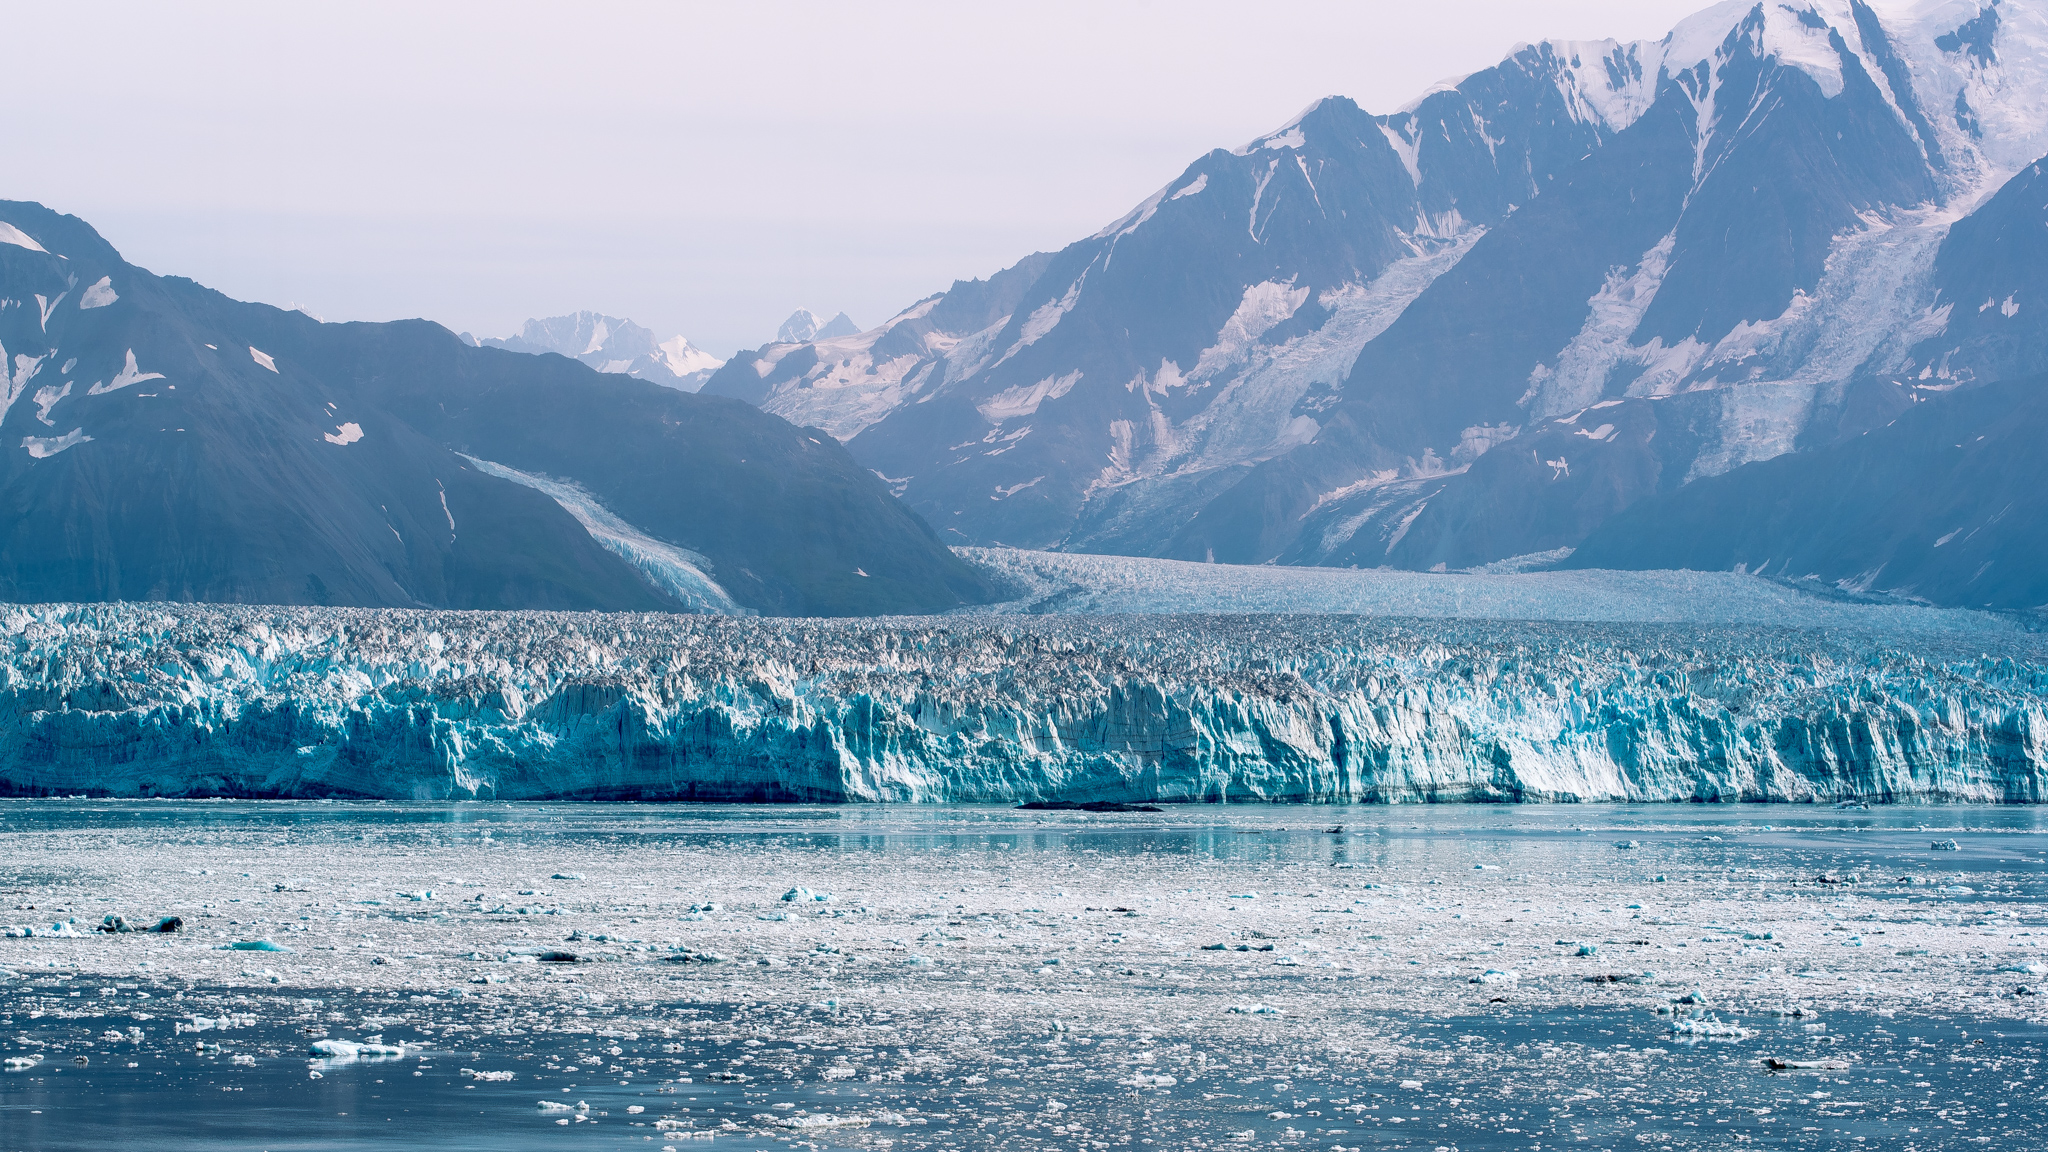 2017-08-09 - Hubbard Glacier - 062